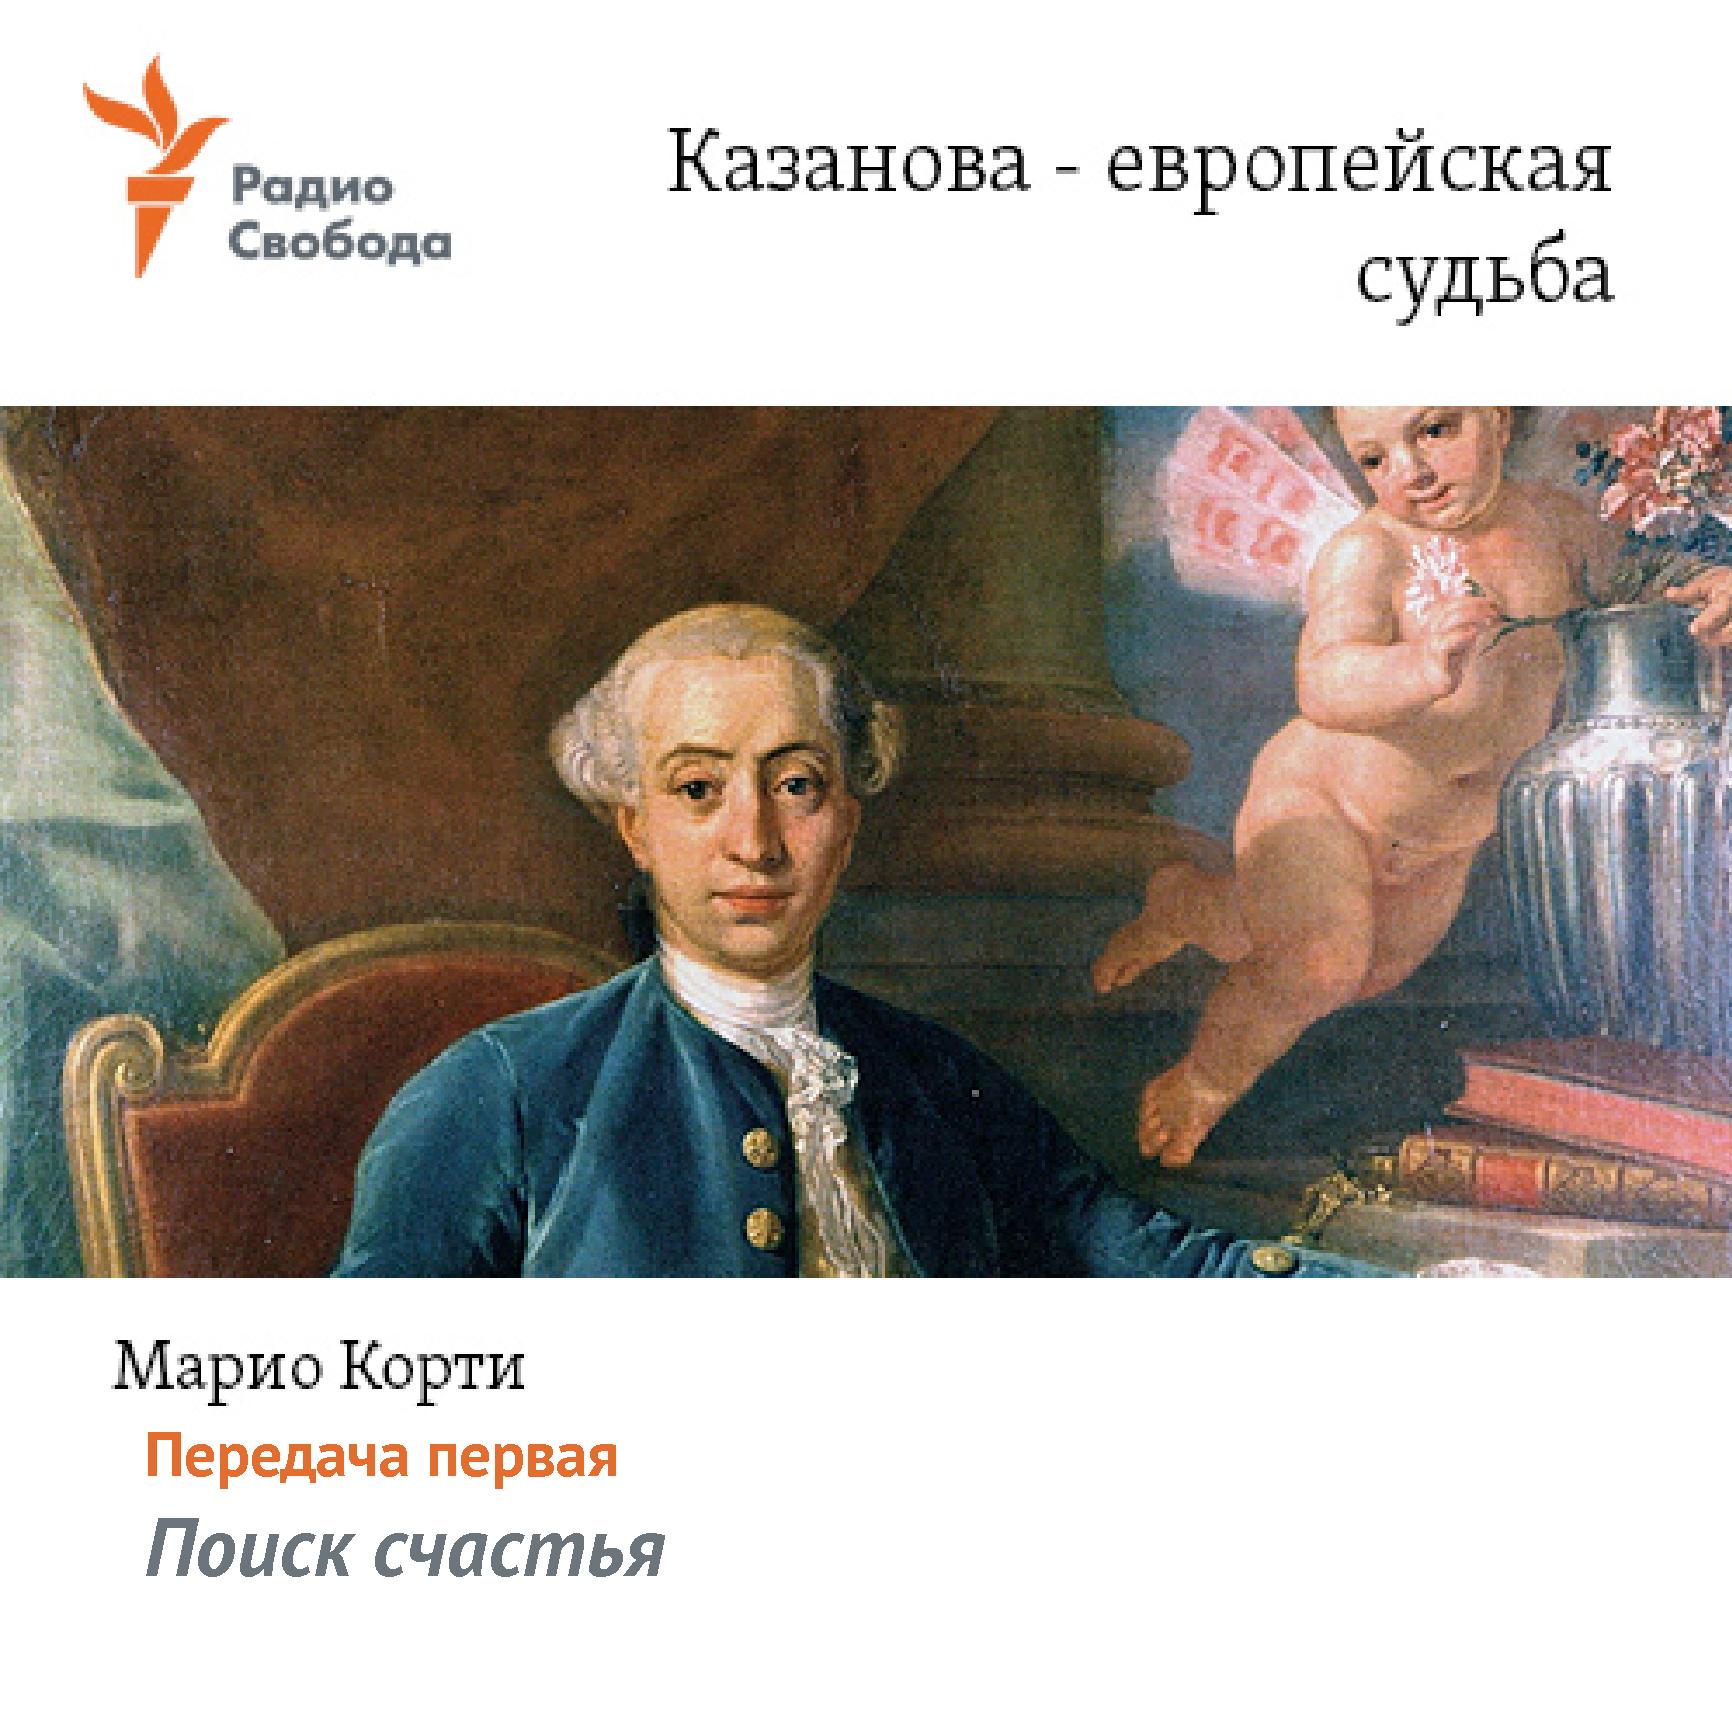 Марио Корти Казанова – европейская судьба. Передача первая – «Поиск счастья»